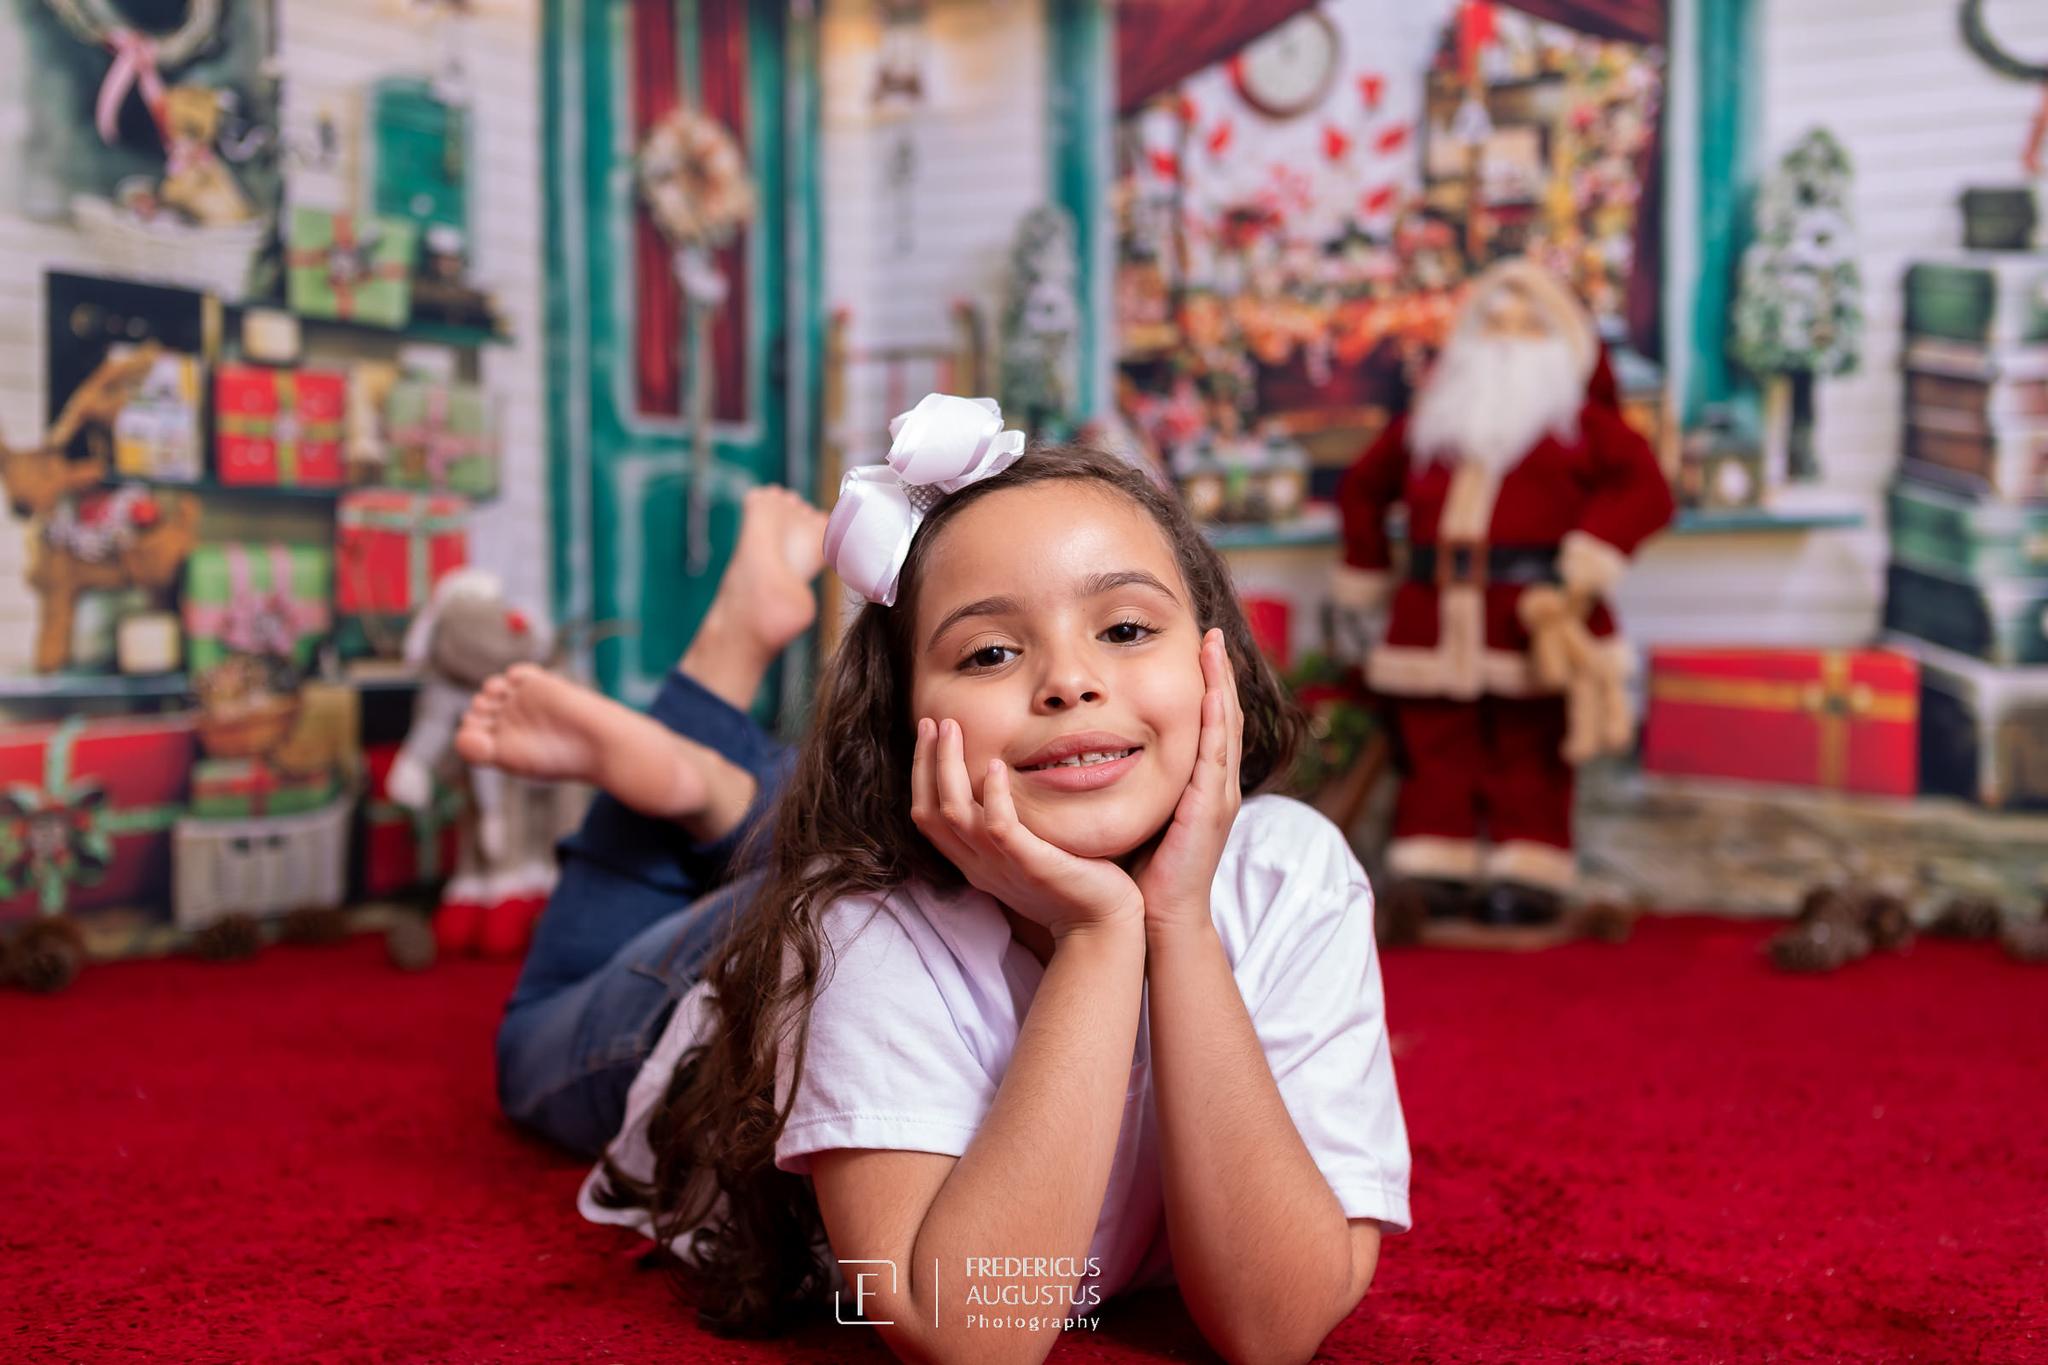 ensaio de Natal da minha fofa Ana Luísa, com cenário em 3D, que em todos os ângulos as fotos ficaram maravilhosas no estúdio Fredericus Augustus em Contagem